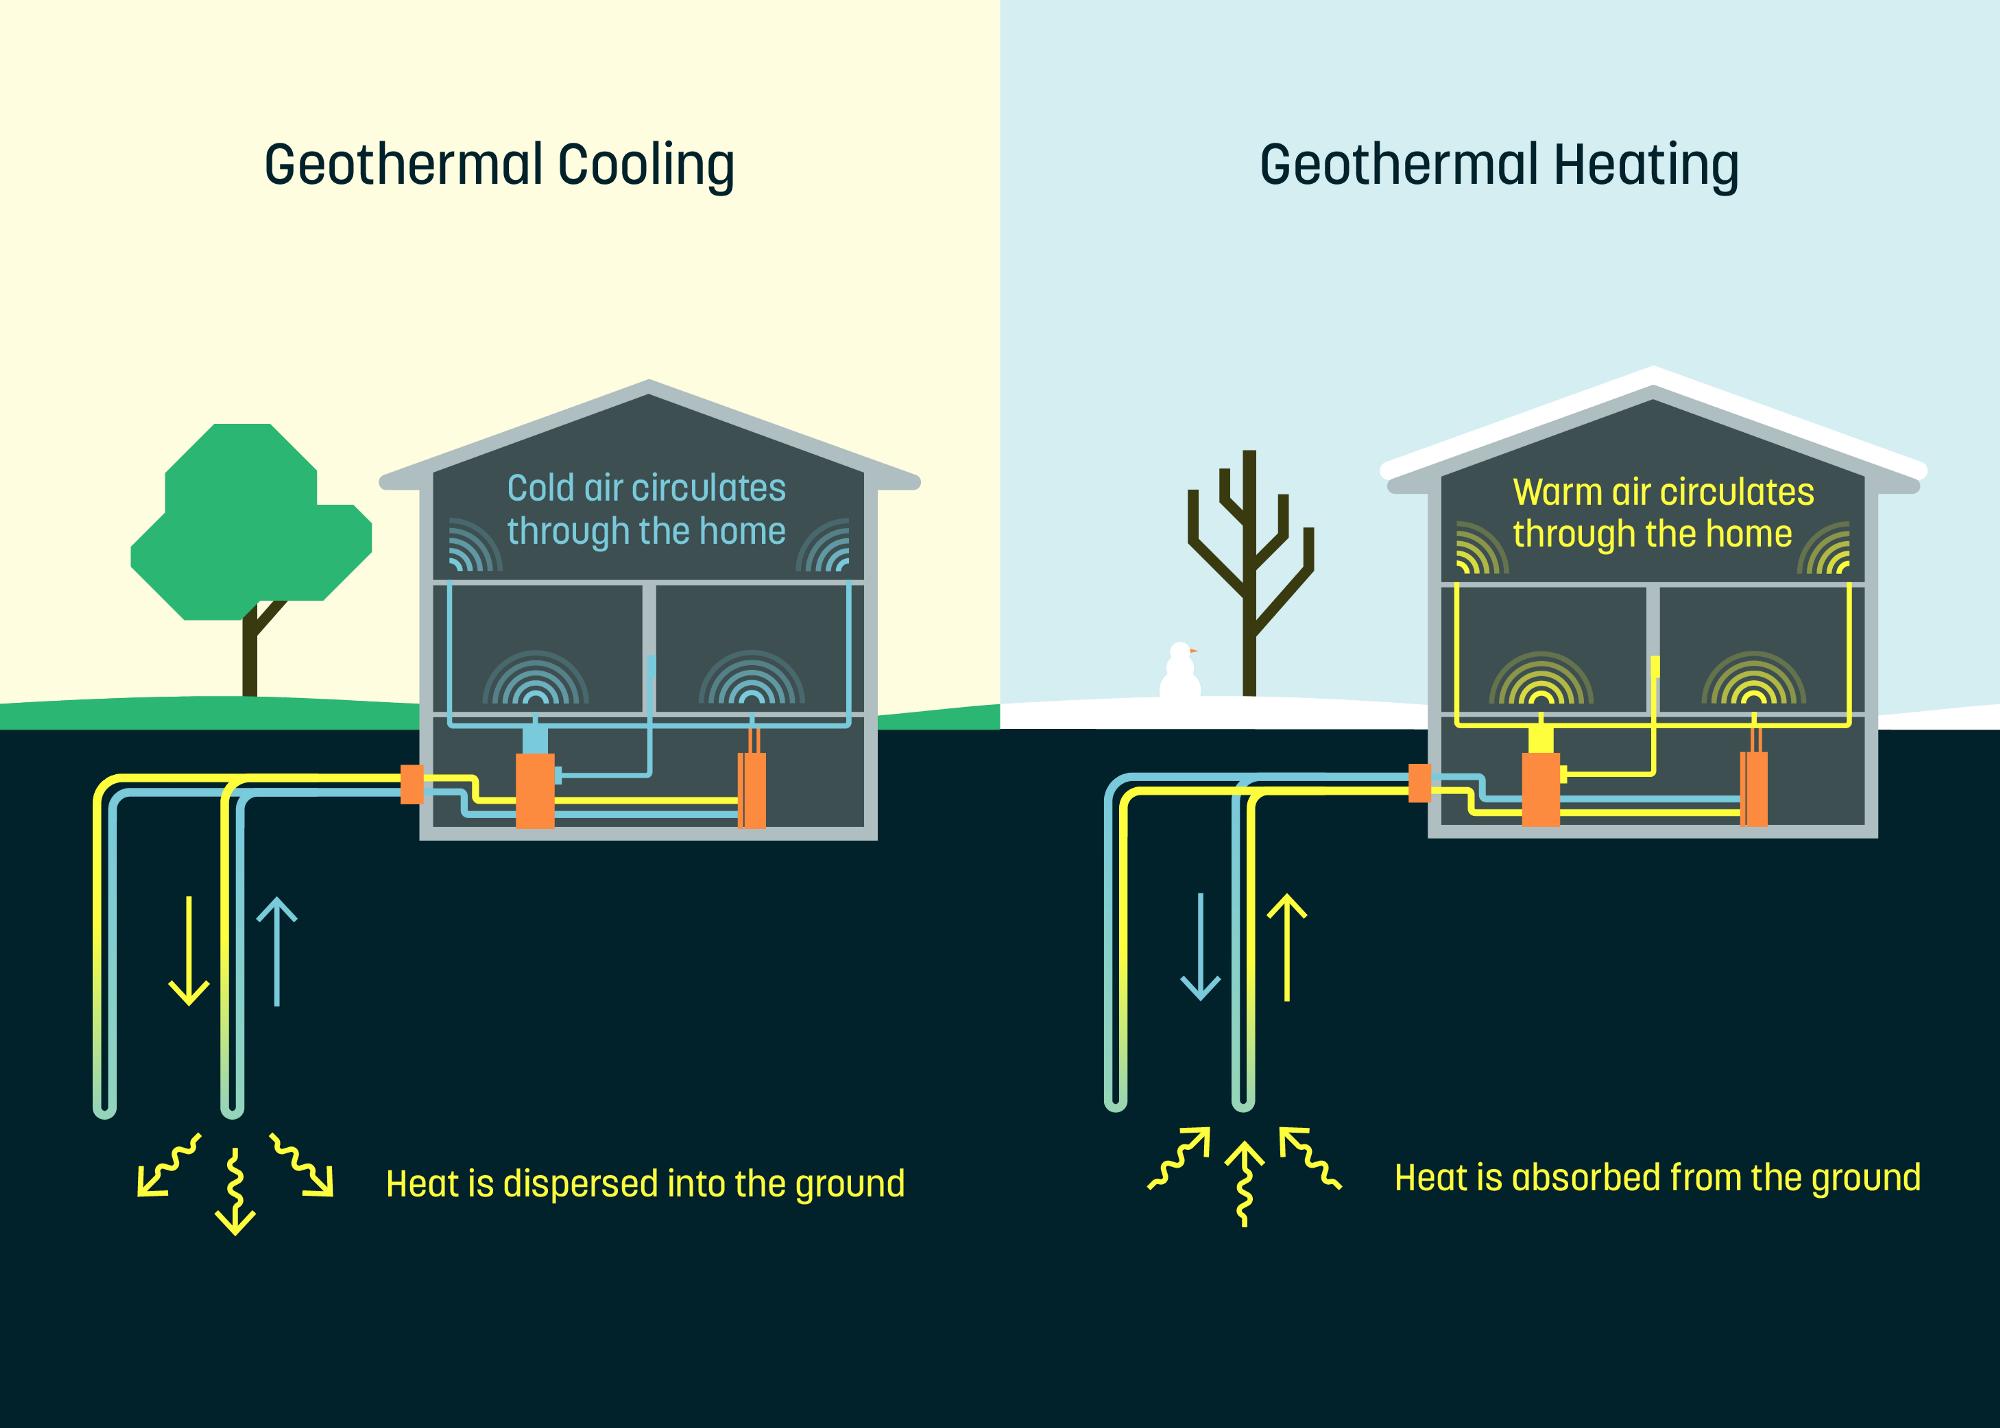 Alphabet spins out geothermal startup Dandelion